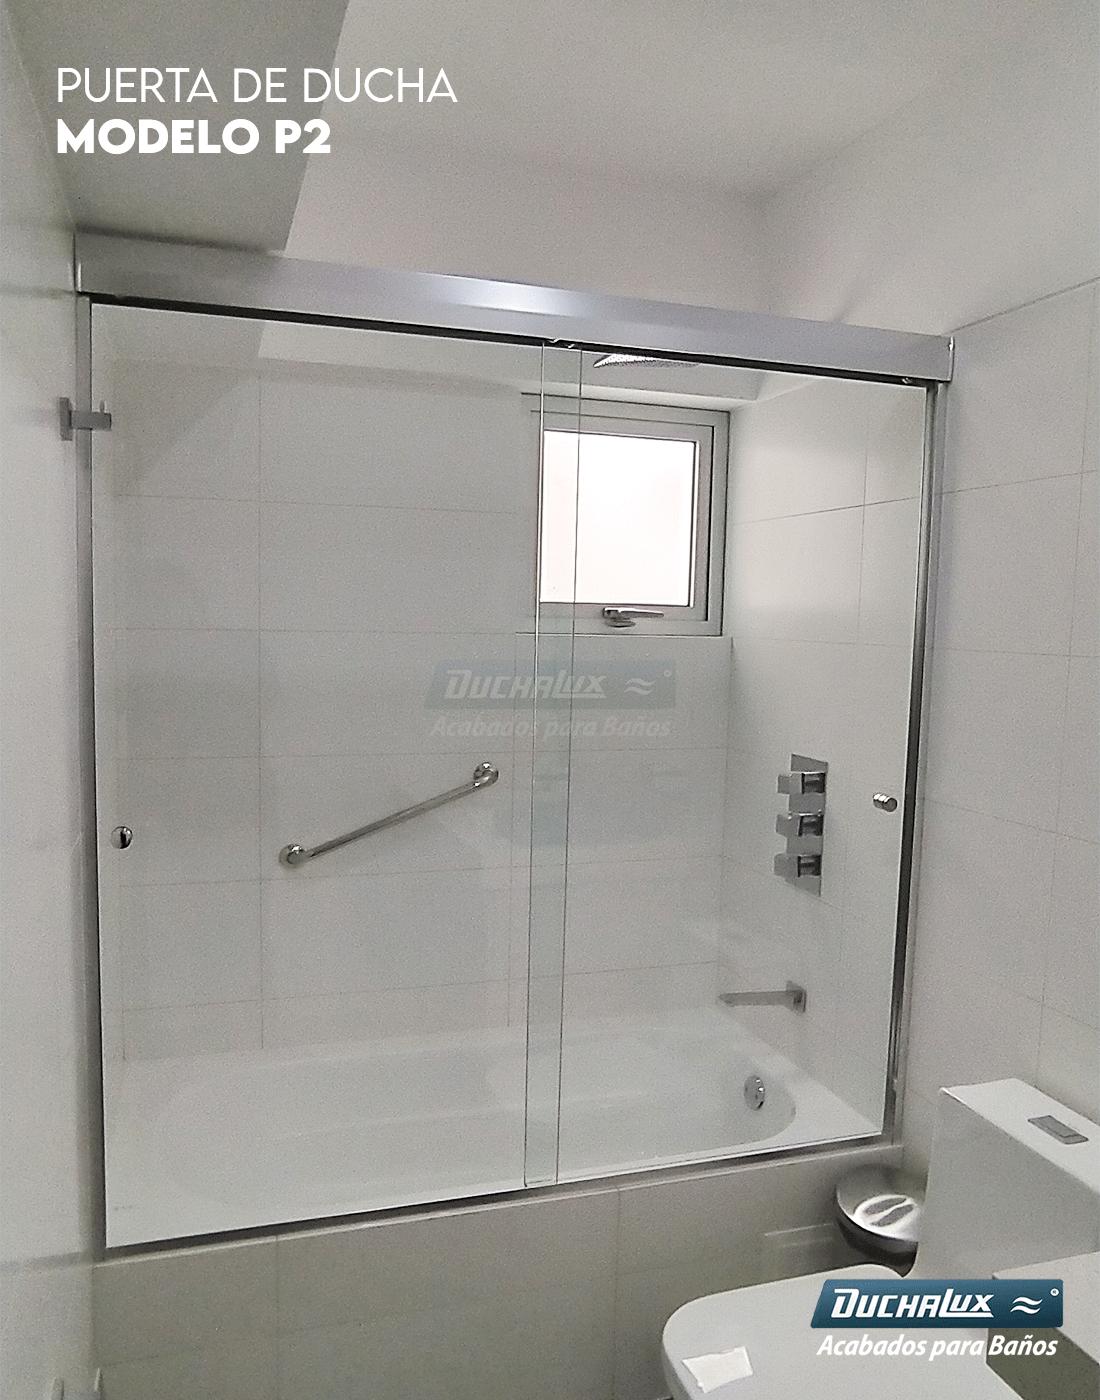 Modelo-P2-Puerta-de-ducha